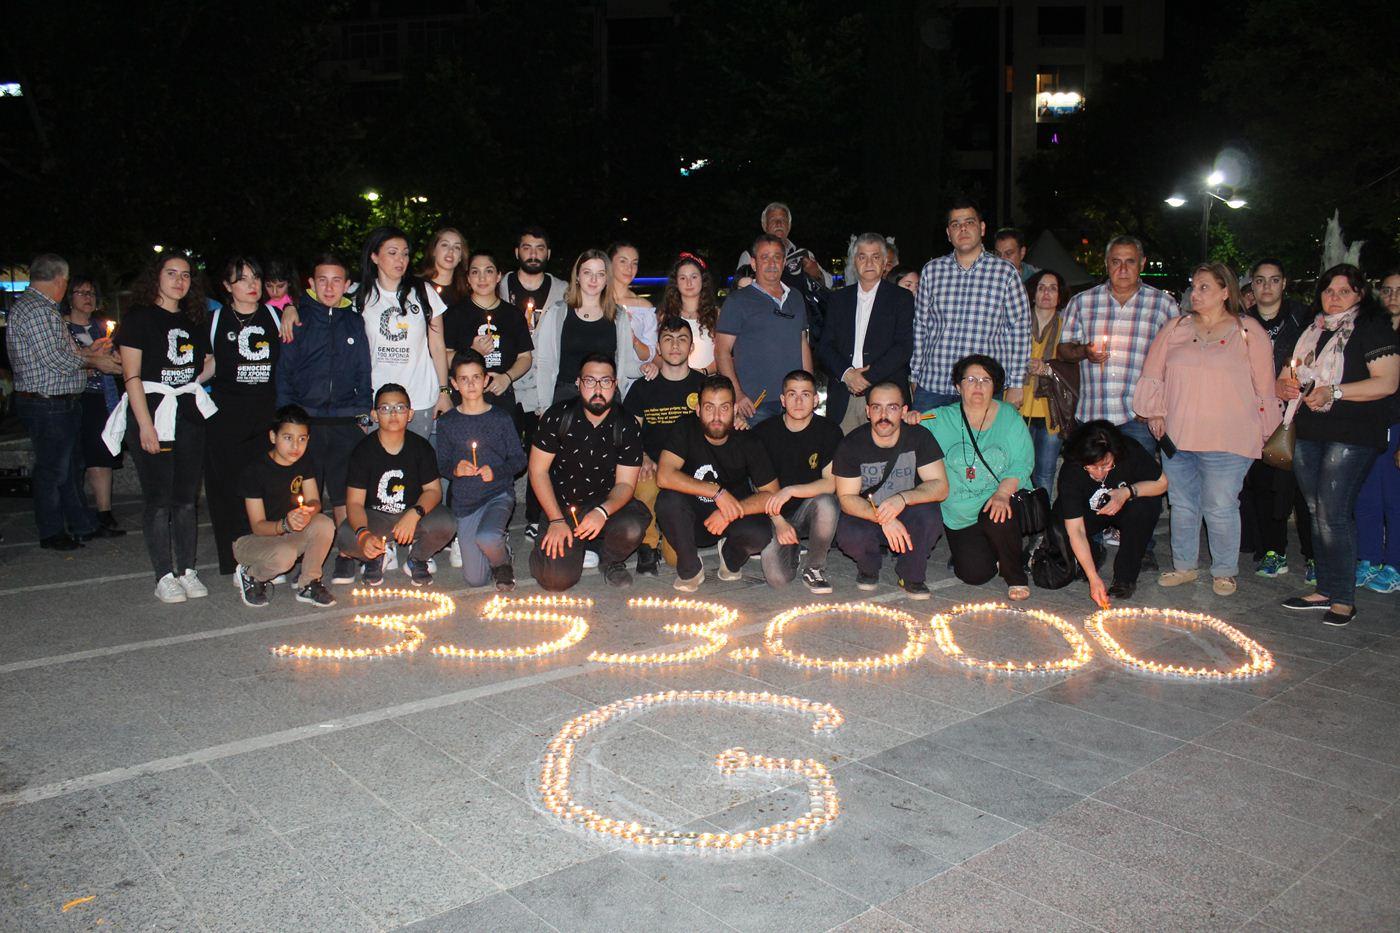 353.000 θύματα, 100 χρόνια μετά - Η ποντιακή νεολαία της Λάρισας τίμησε τους νεκρούς της Γενοκτονίας (φωτο)